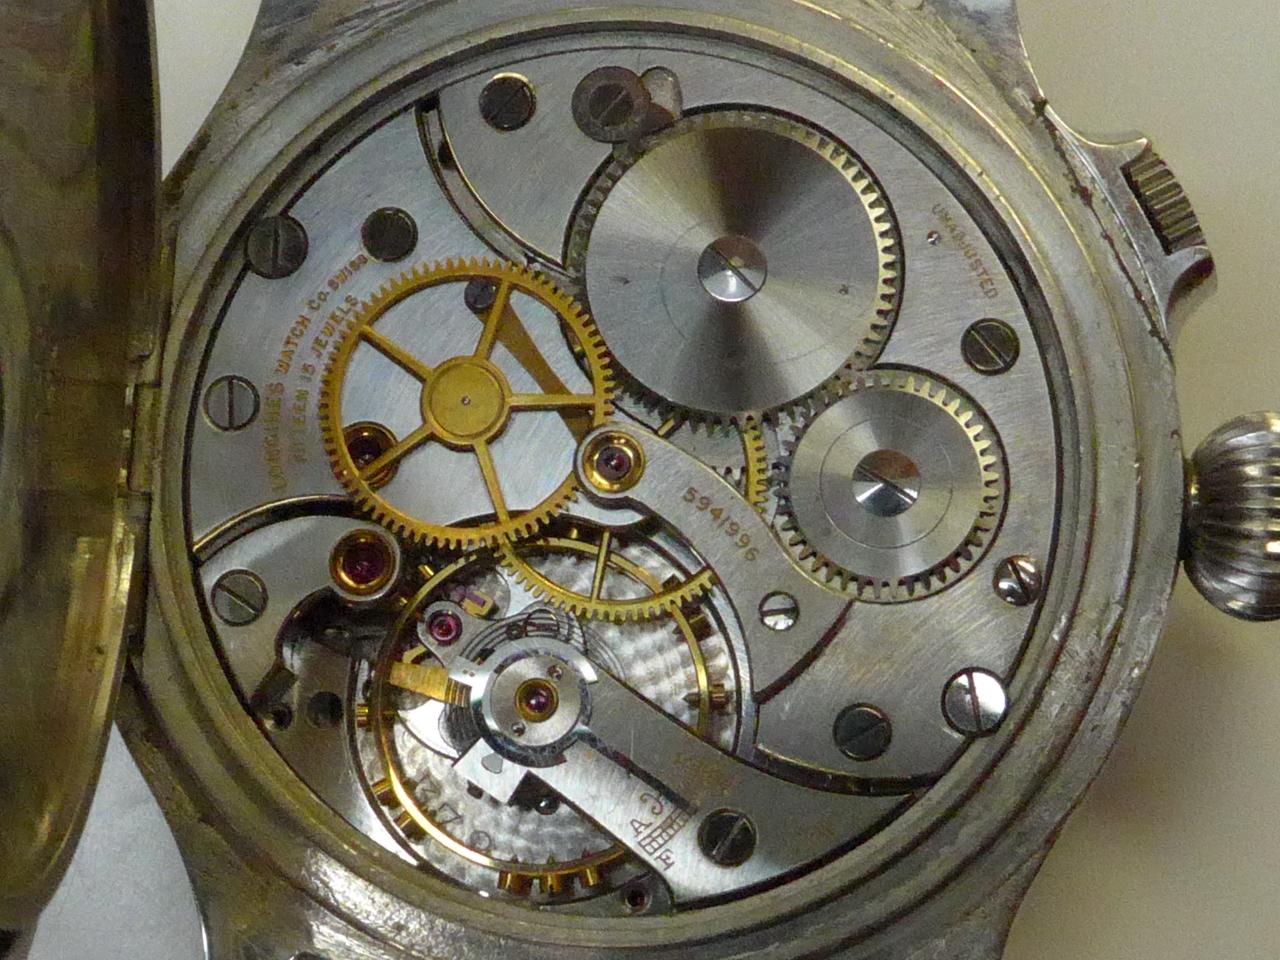 ロンジン=ウィットナー 旧日本海軍 ウィームス 天測時計 1930年代の写真5枚目